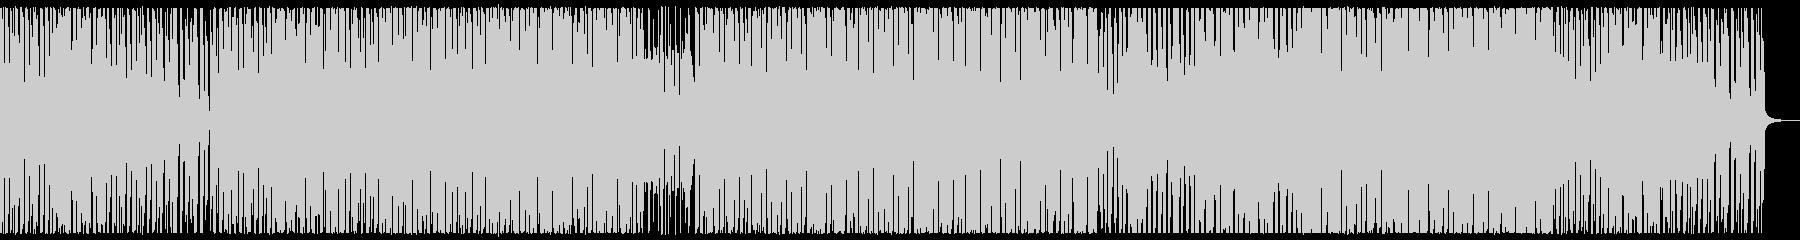 哀愁ハウストラック 感傷的なシンセポップの未再生の波形